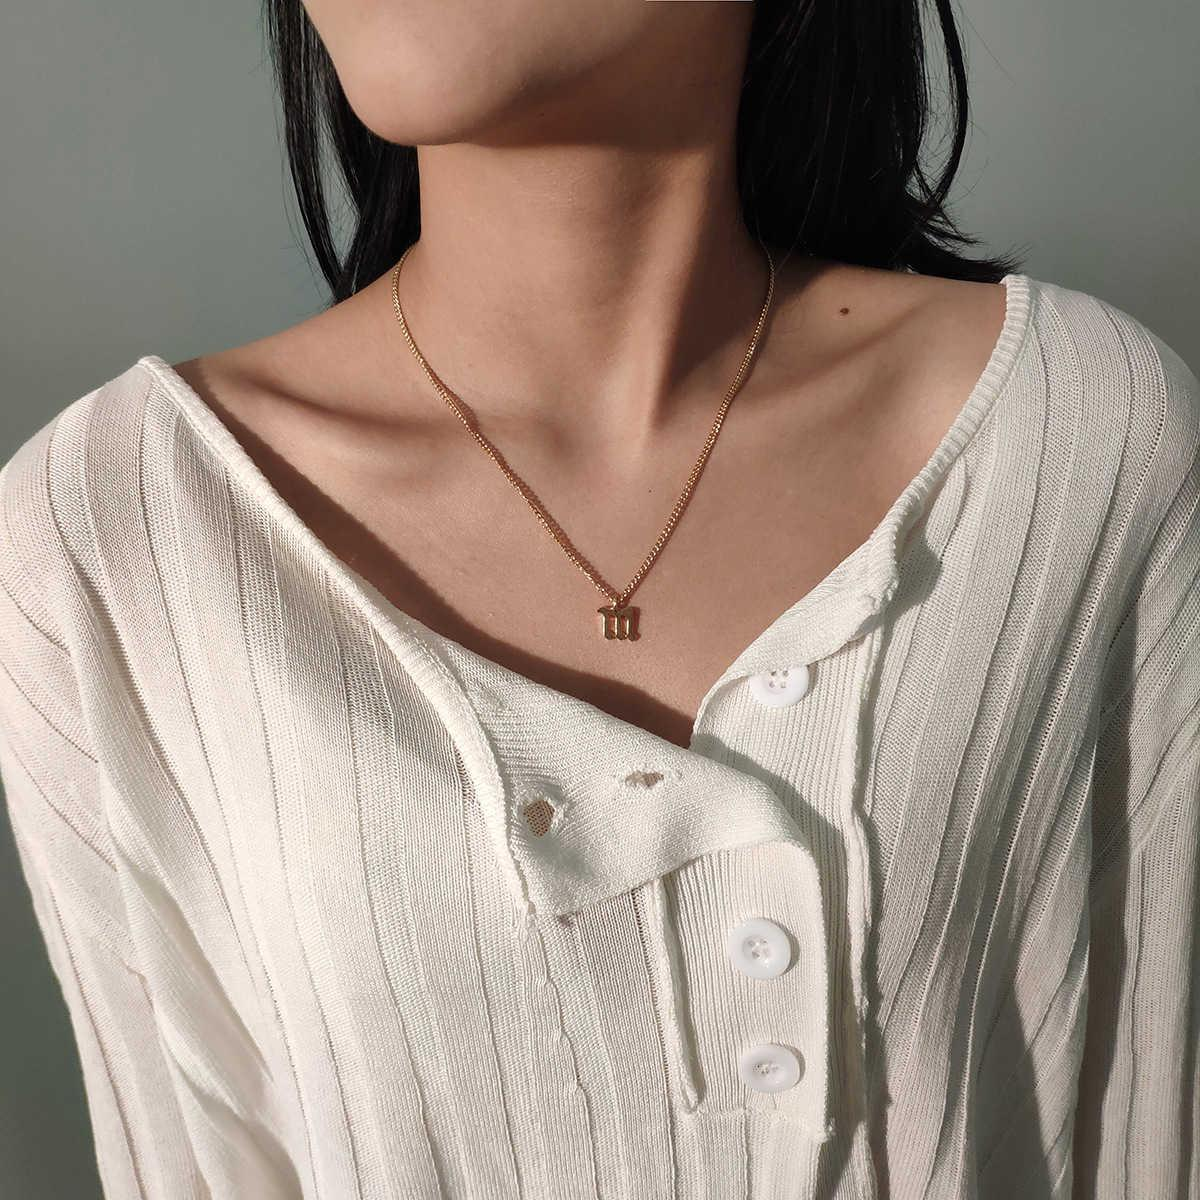 Moda Takı Kişiselleştirilmiş Metal Klavikula Boyun Zinciri Trendy Kadınlar Serin Mektup Alaşım Kolye